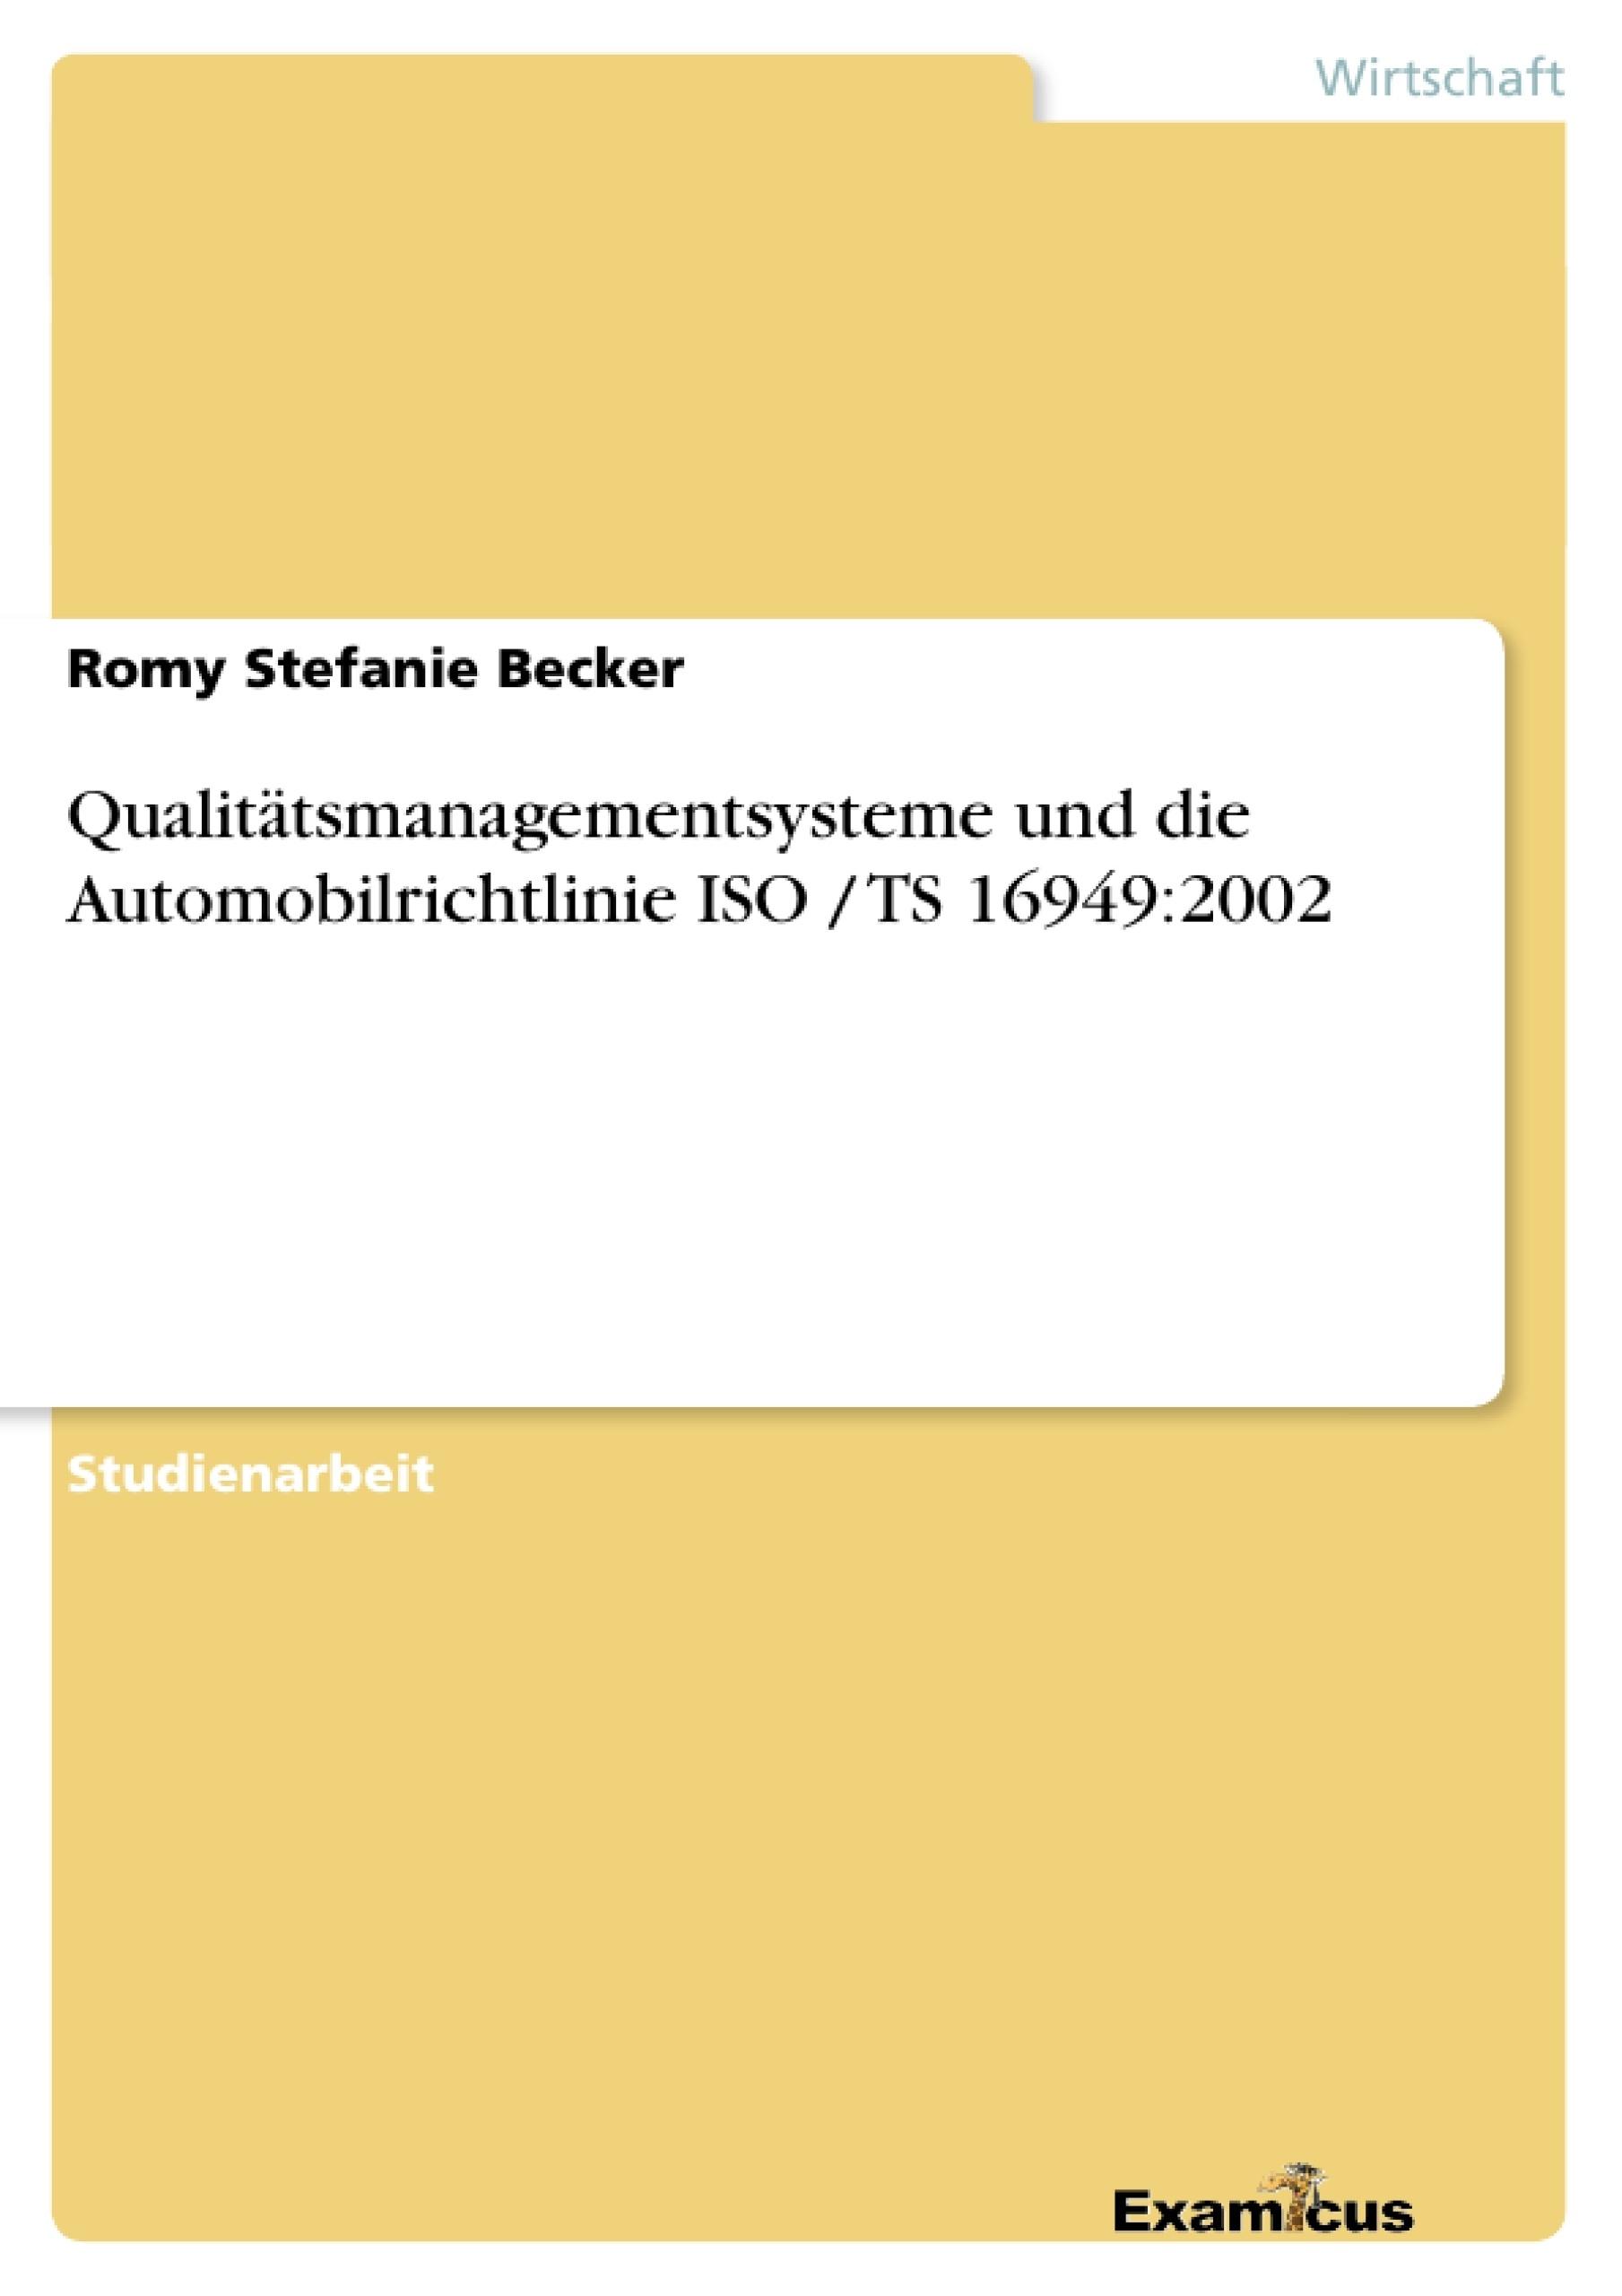 Titel: Qualitätsmanagementsysteme und die Automobilrichtlinie ISO / TS 16949:2002